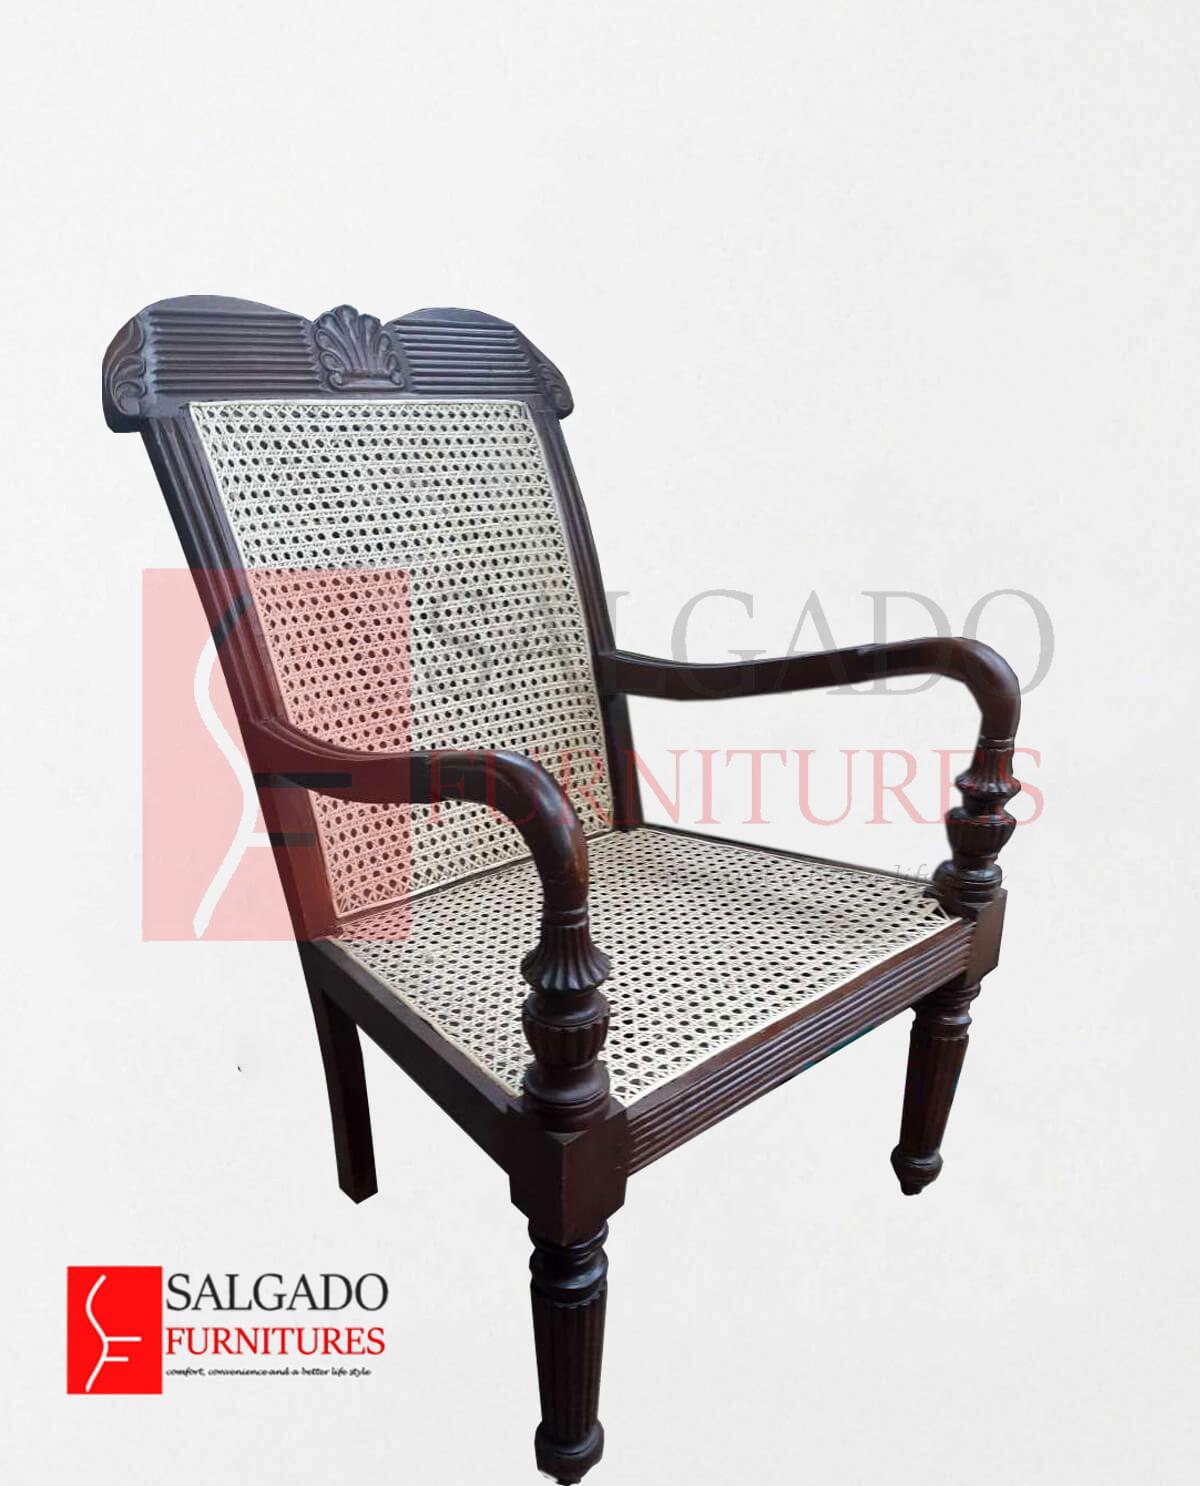 classic-shell-varandha-chair